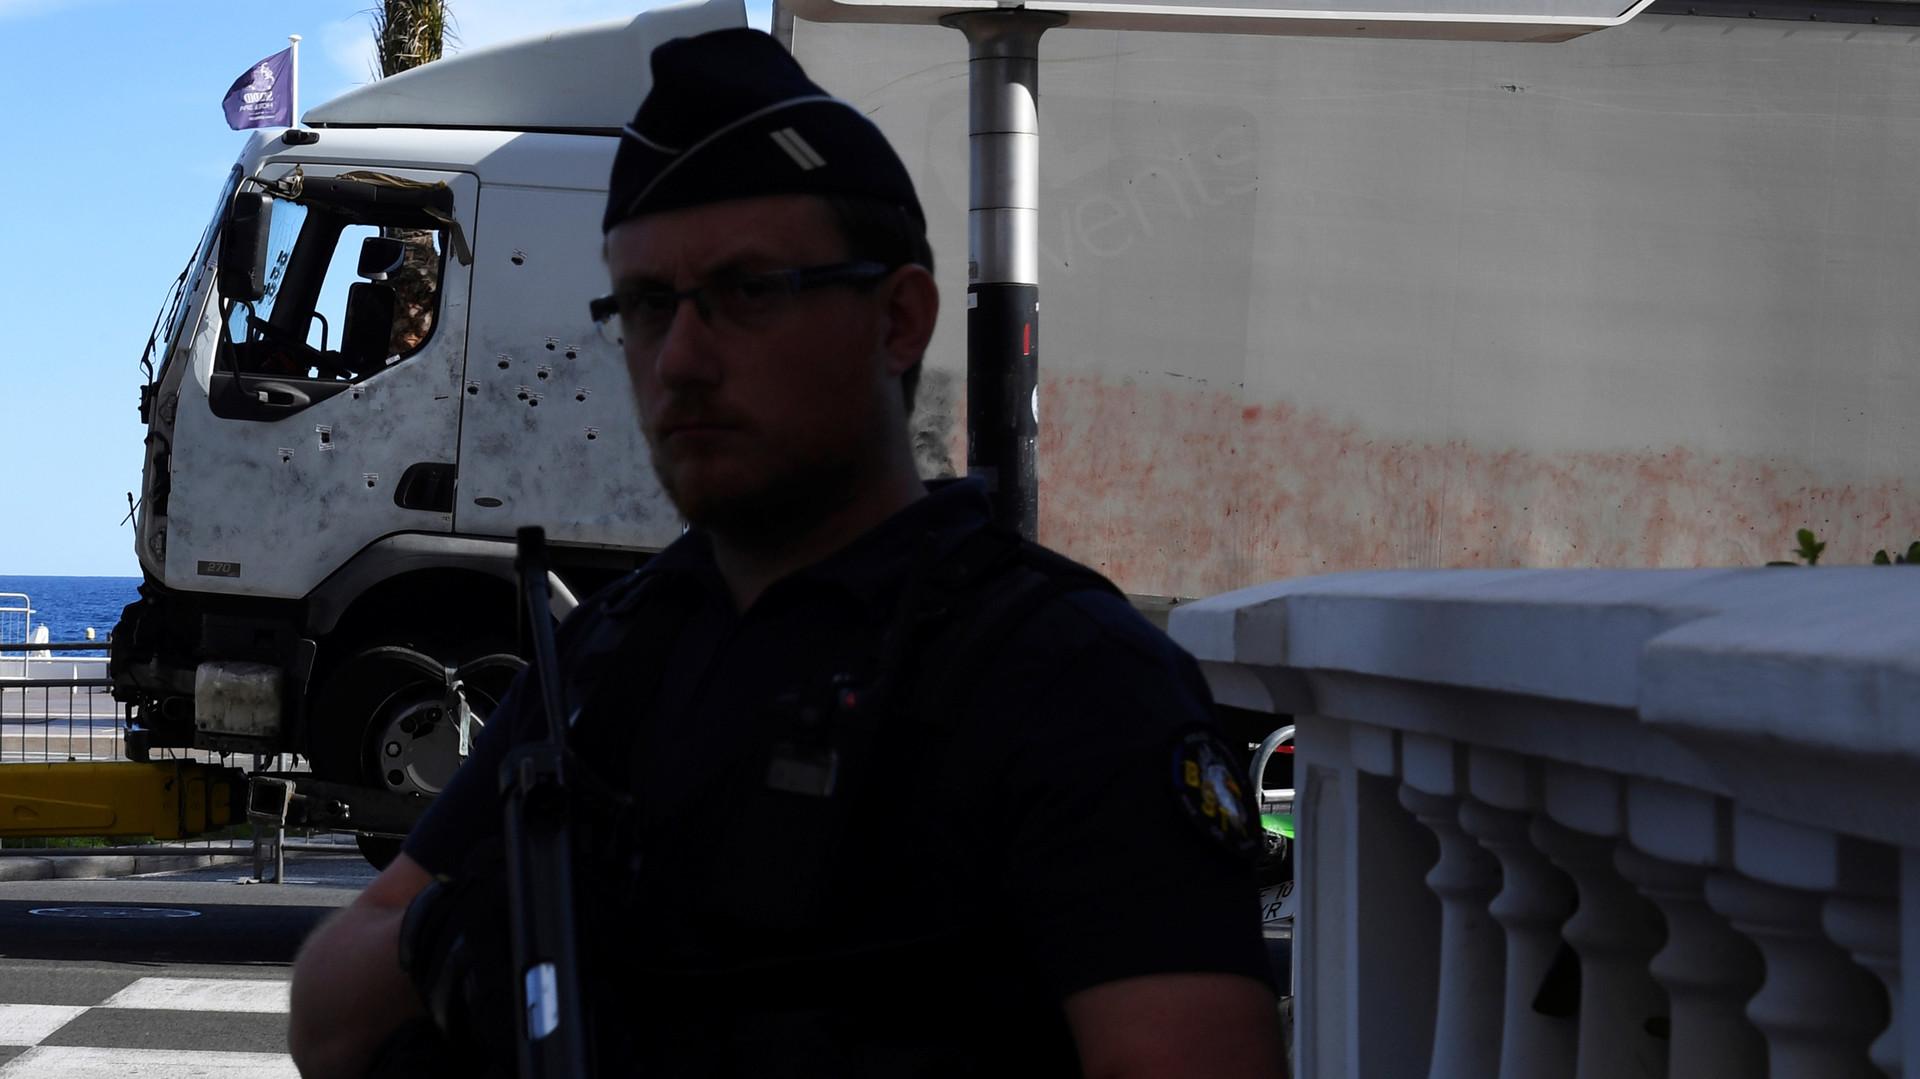 «Фанатиков остановит не чрезвычайное положение»: эксперты о ситуации после теракта в Ницце